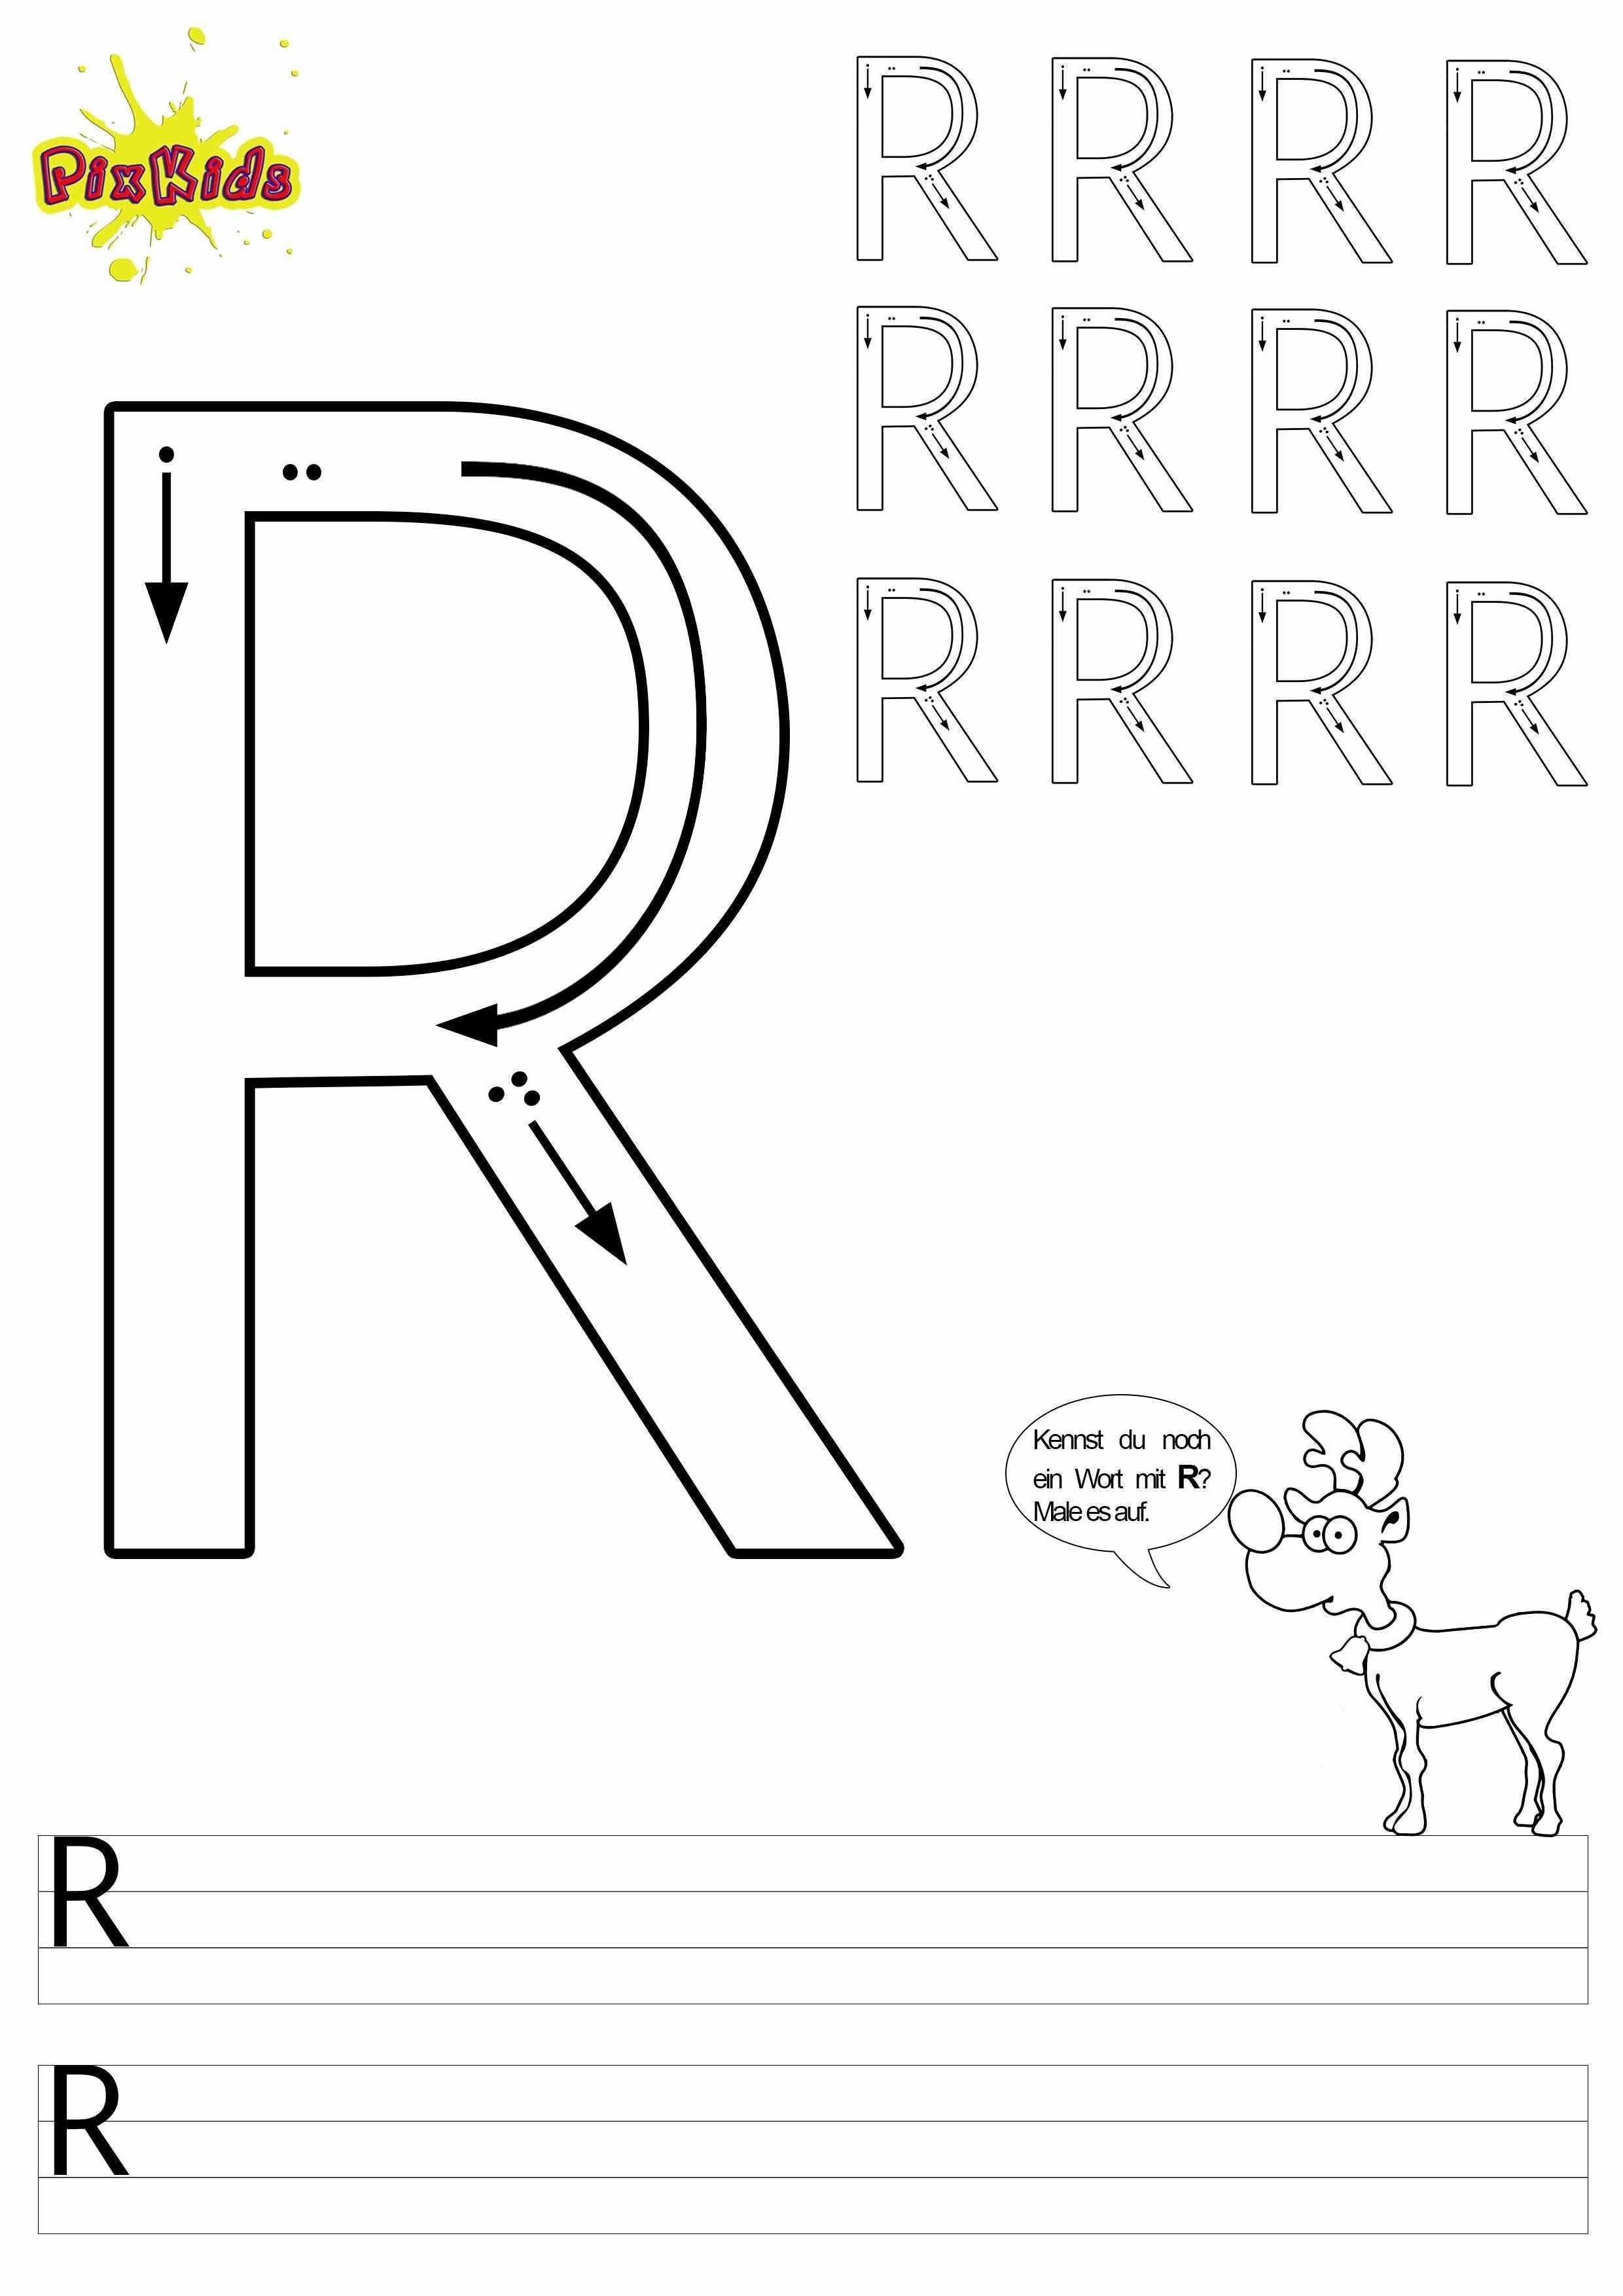 Vorlage Arbeitsblatt Schreiben Lernen Grundschule Vorschule Buchstaben Grossbuch Schule Vorschule Buchstaben In 2020 Schreiben Lernen Buchstaben Lernen Arbeitsblatter